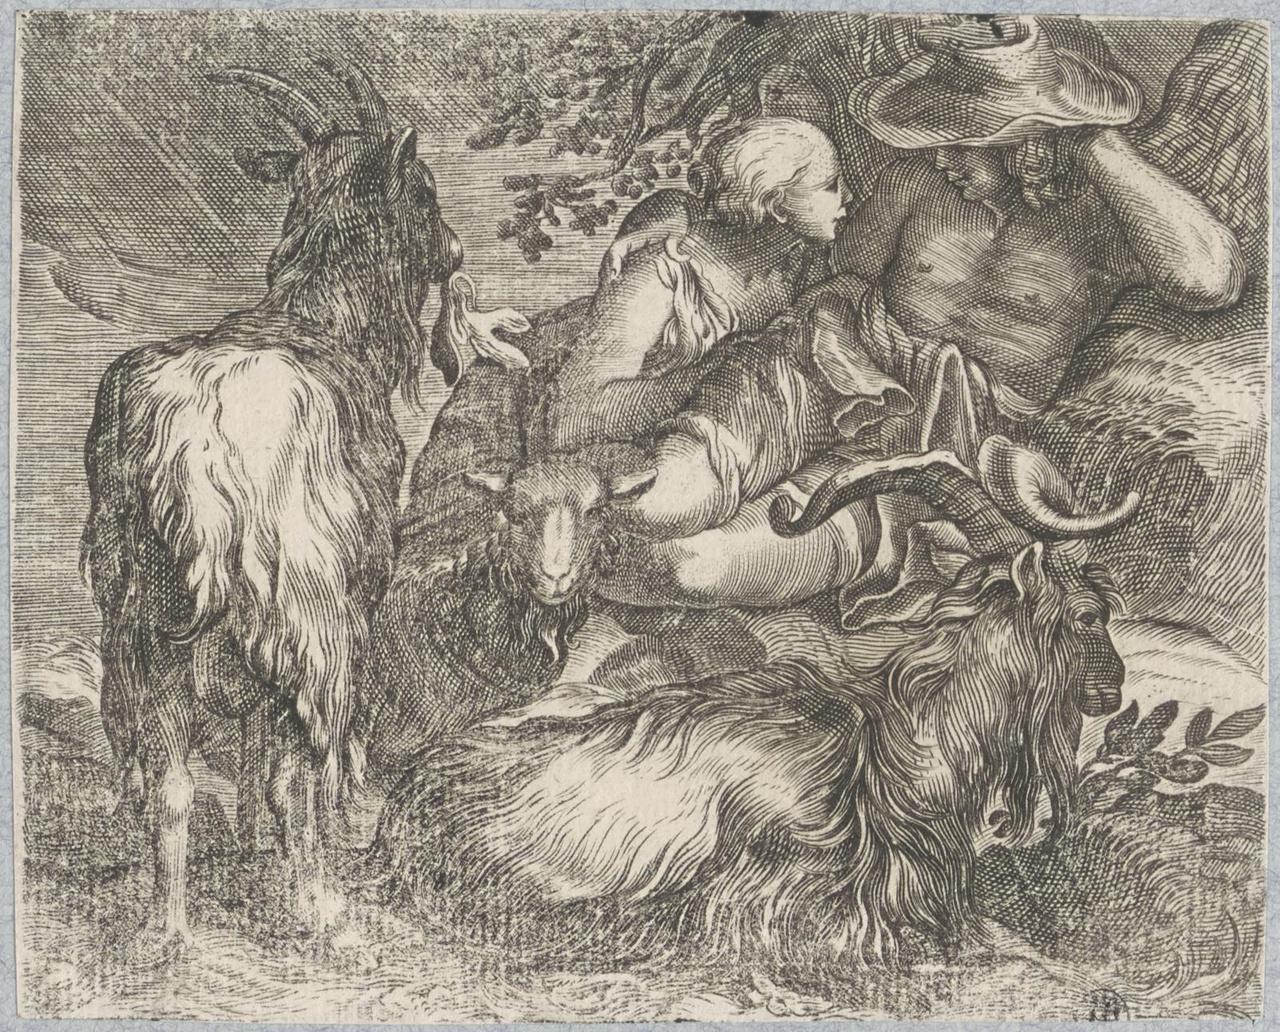 Minnekozend herderspaar bij hun kudde geiten en schapen